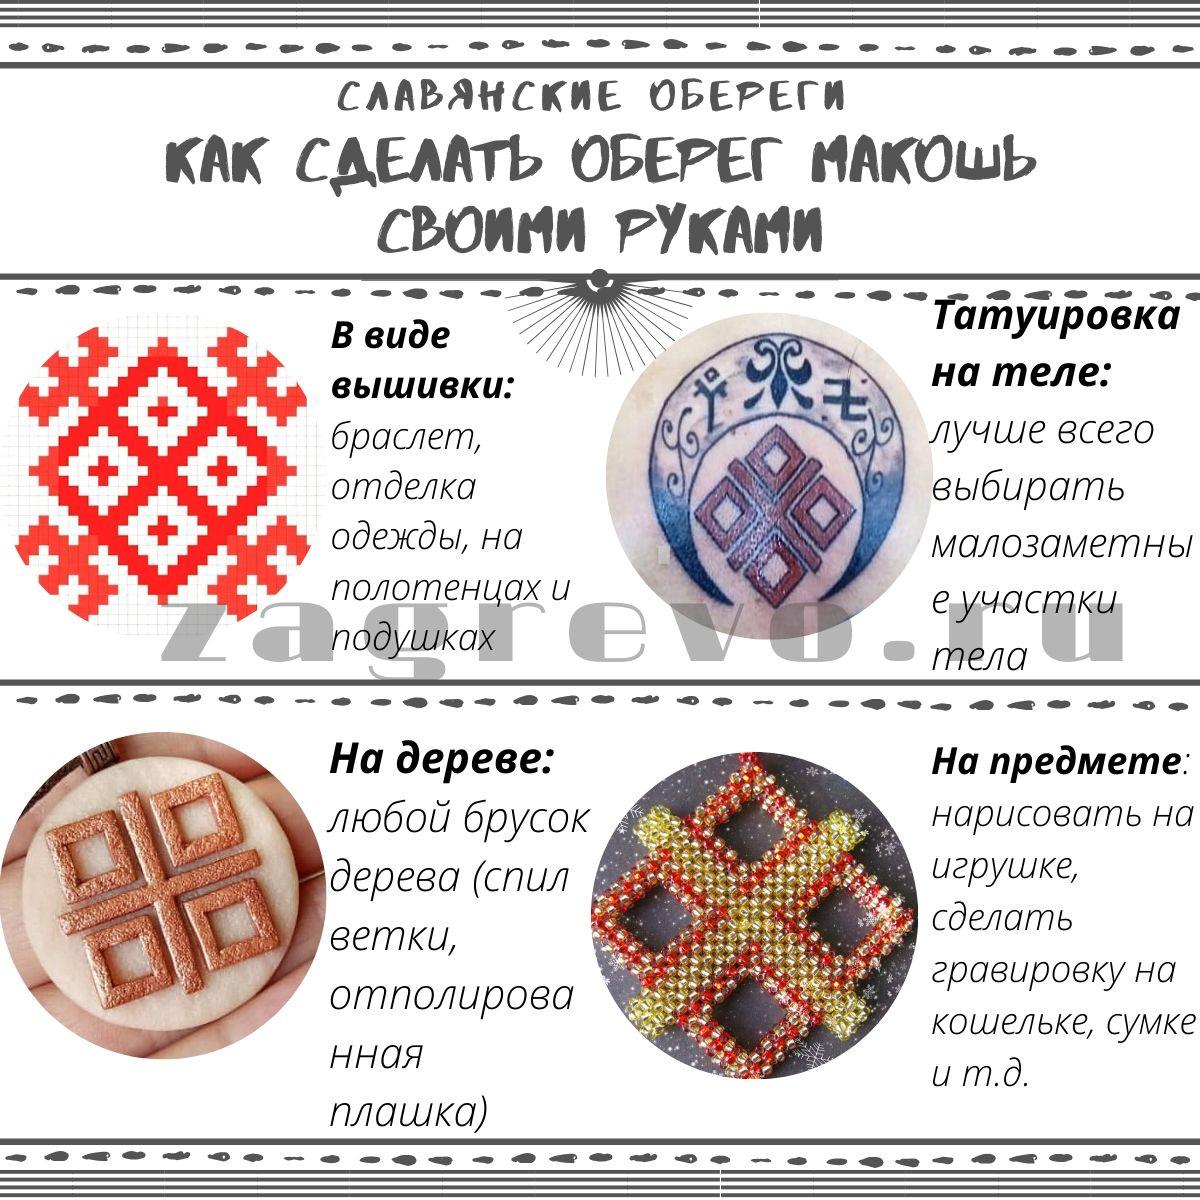 Славянский оберег покровительницы Макошь